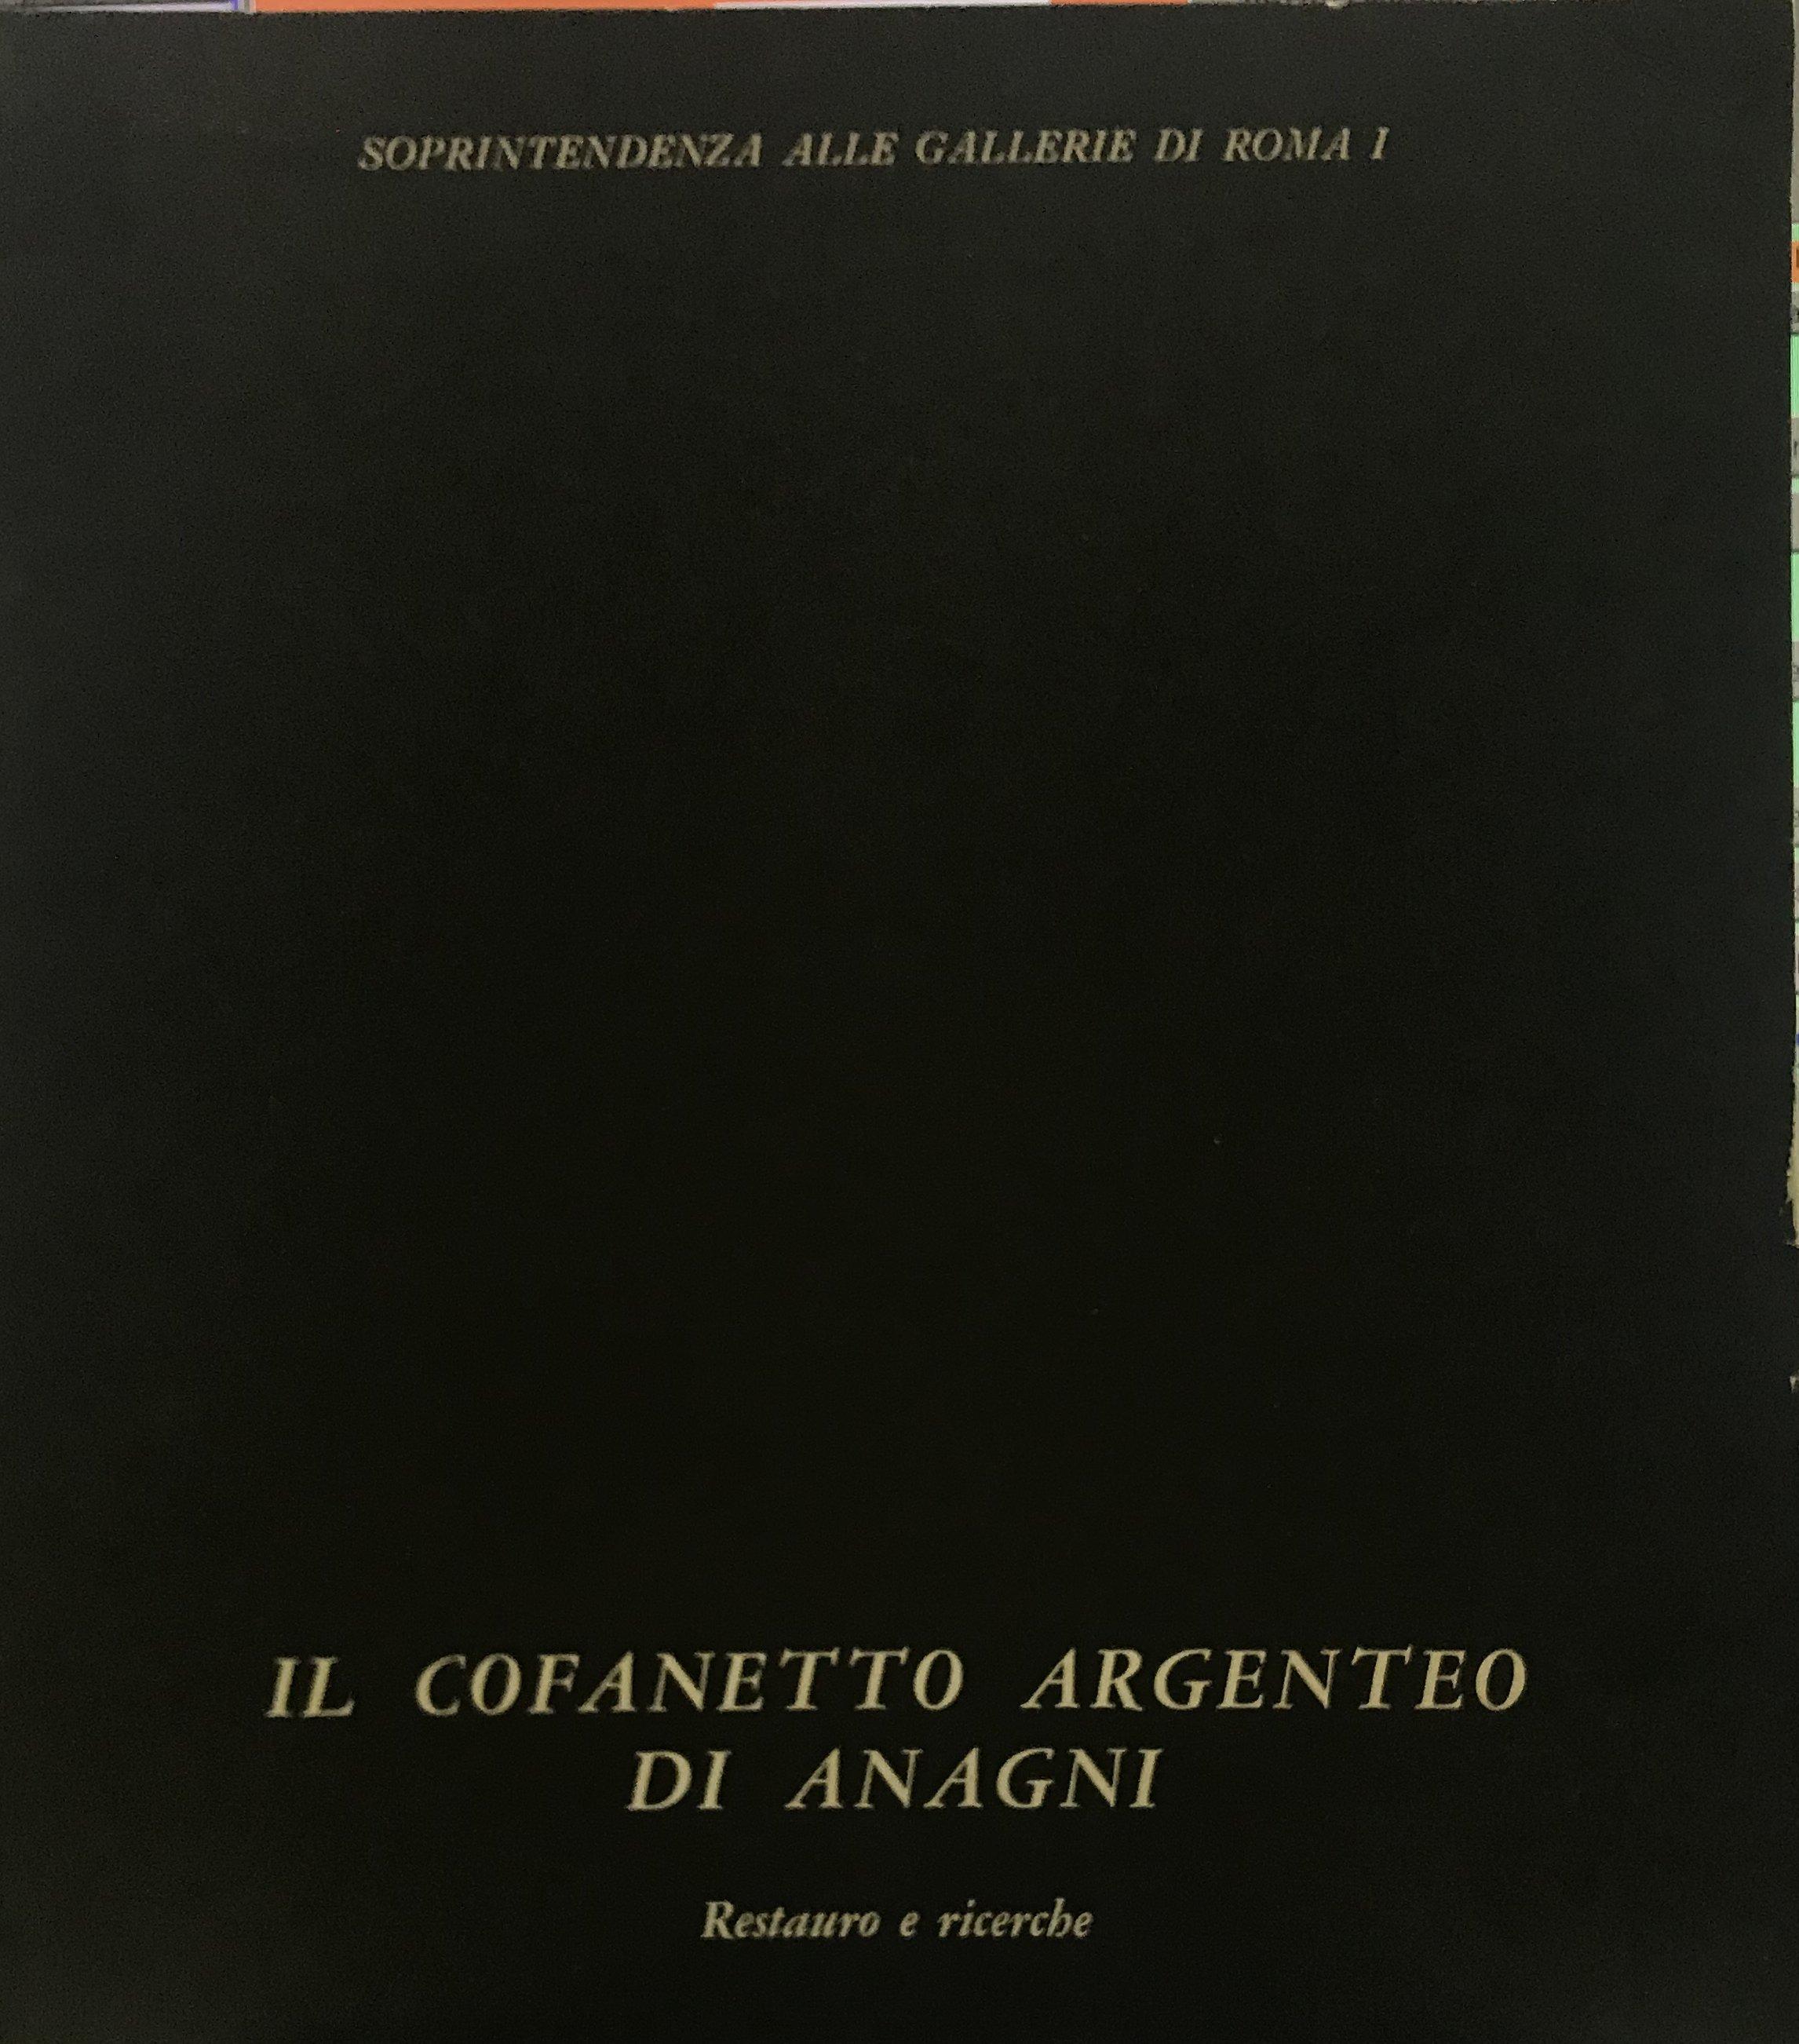 Il cofanetto argenteo di Anagni. Restauro e ricerche